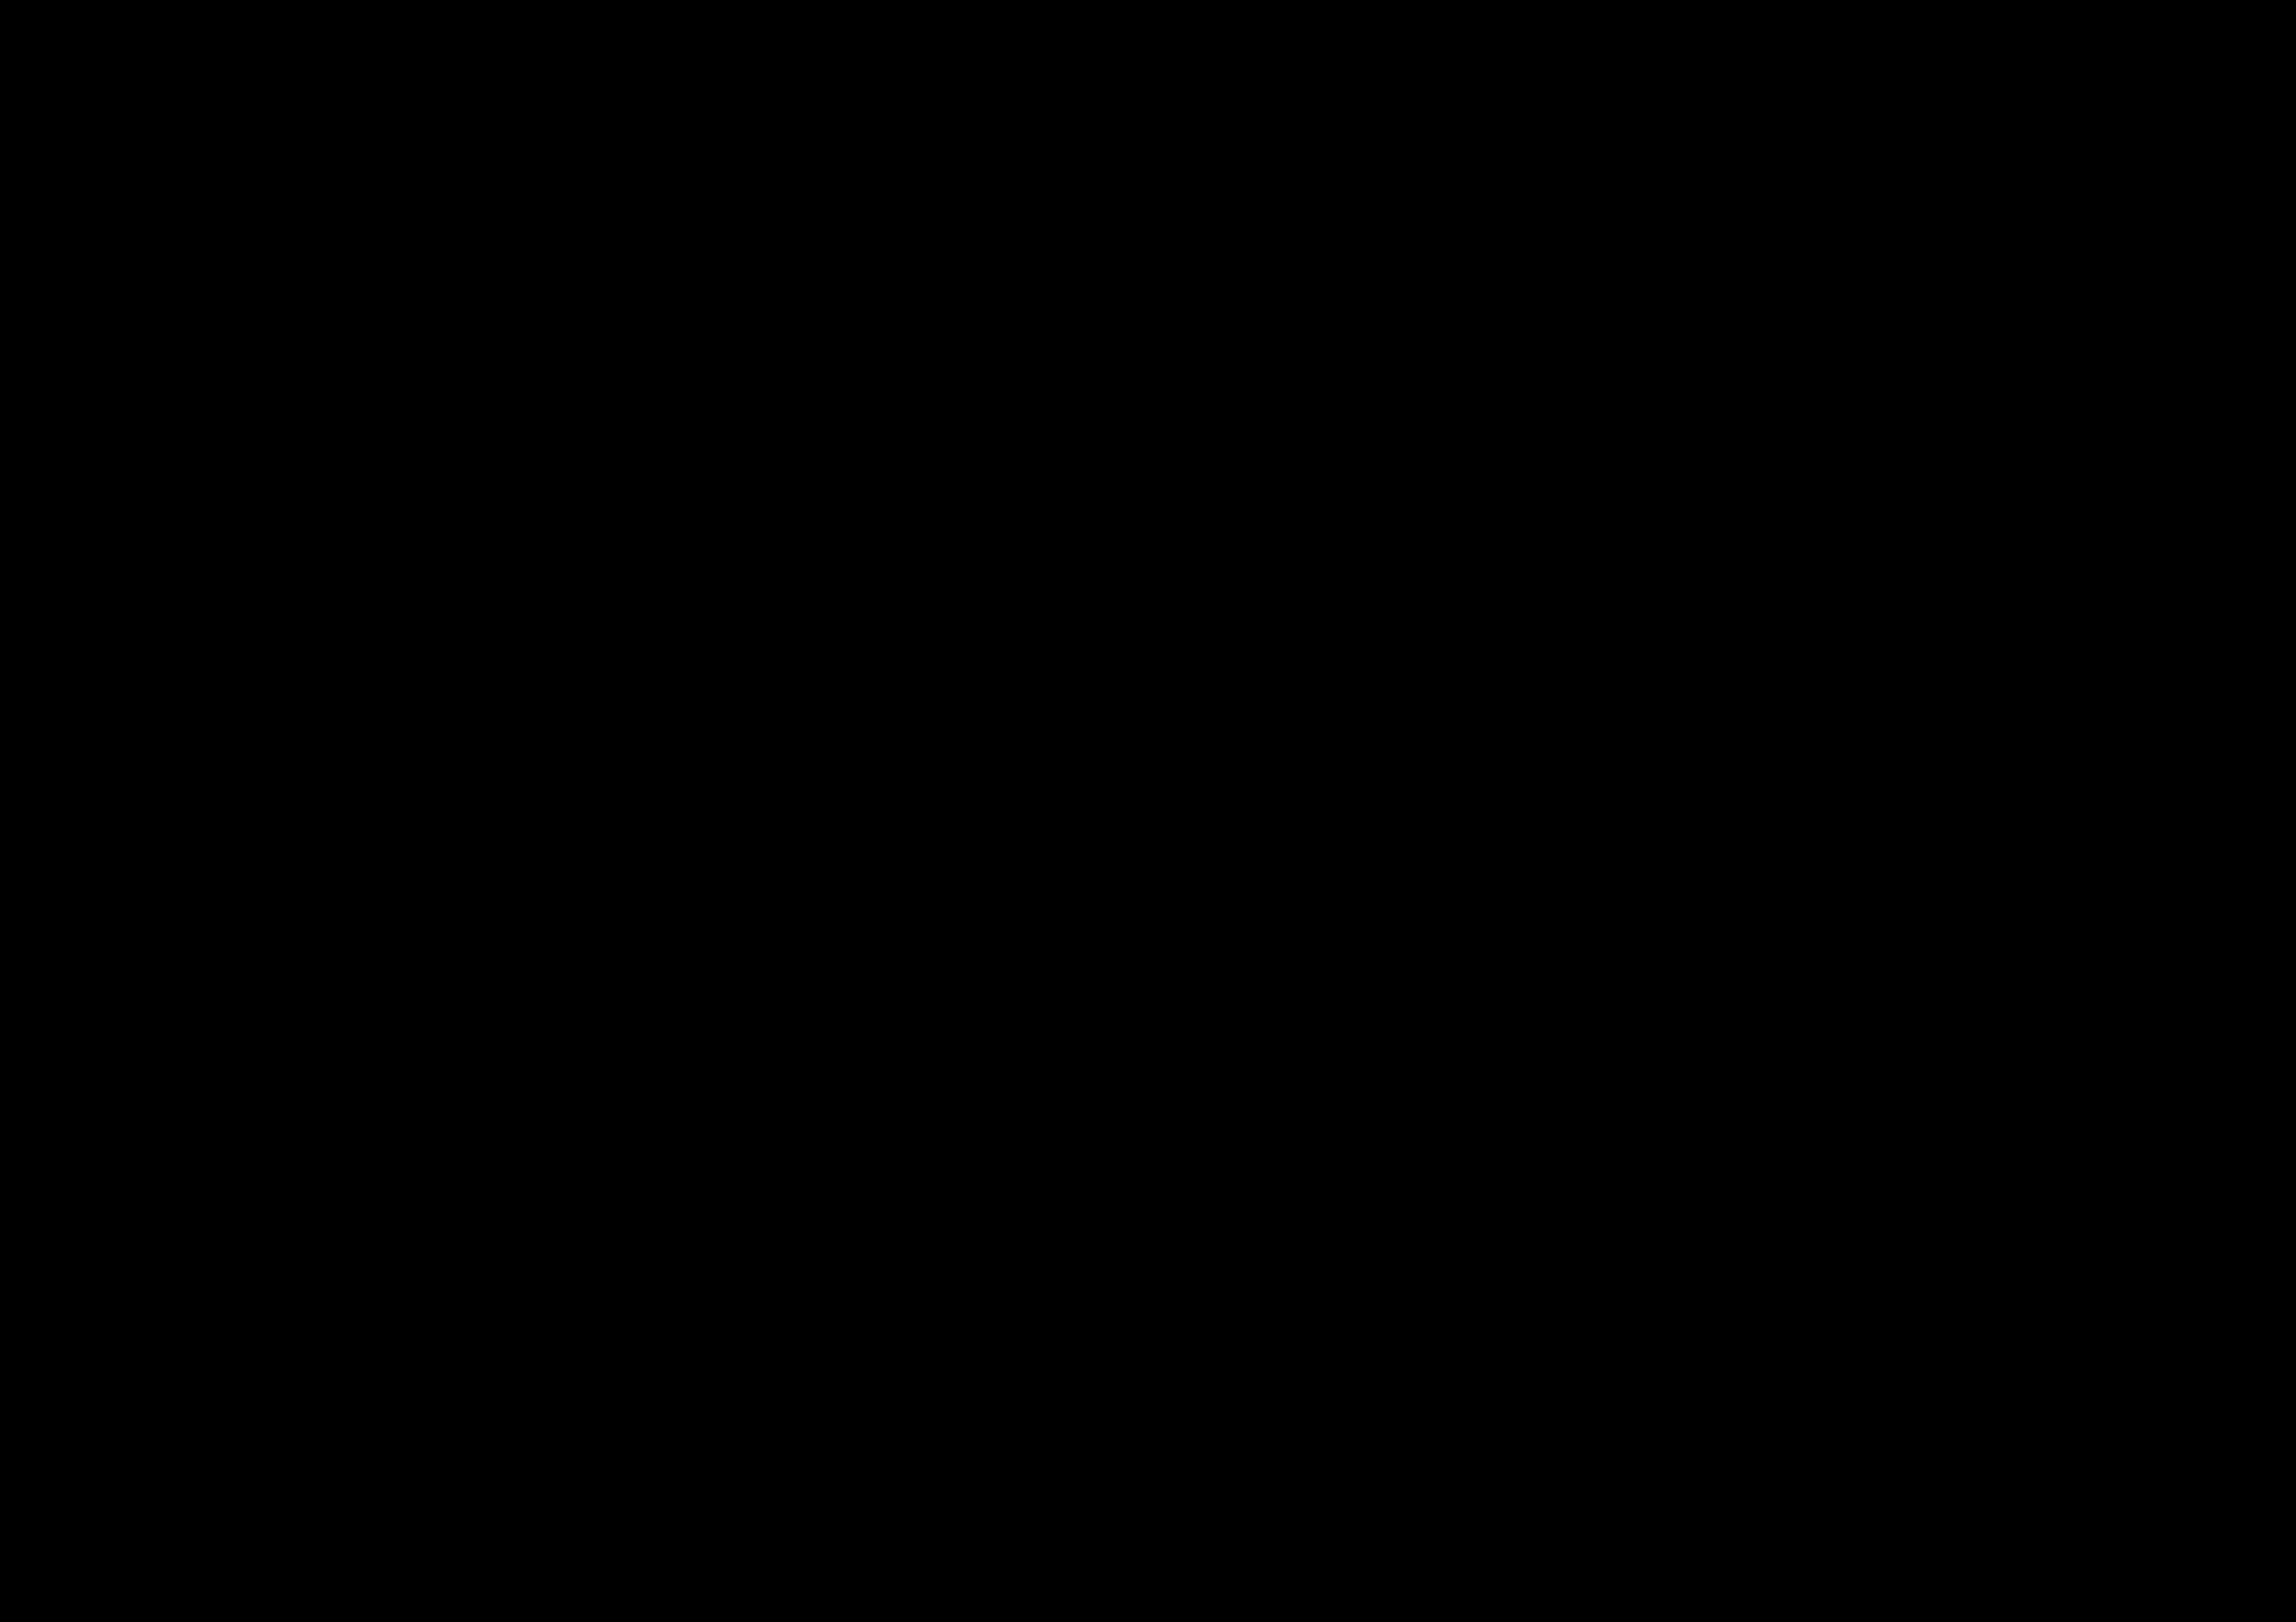 Haus am Rhein, Architekt Bonn, Koenigs Rütter Architekten, Bonner Ruder-Gesellschaft